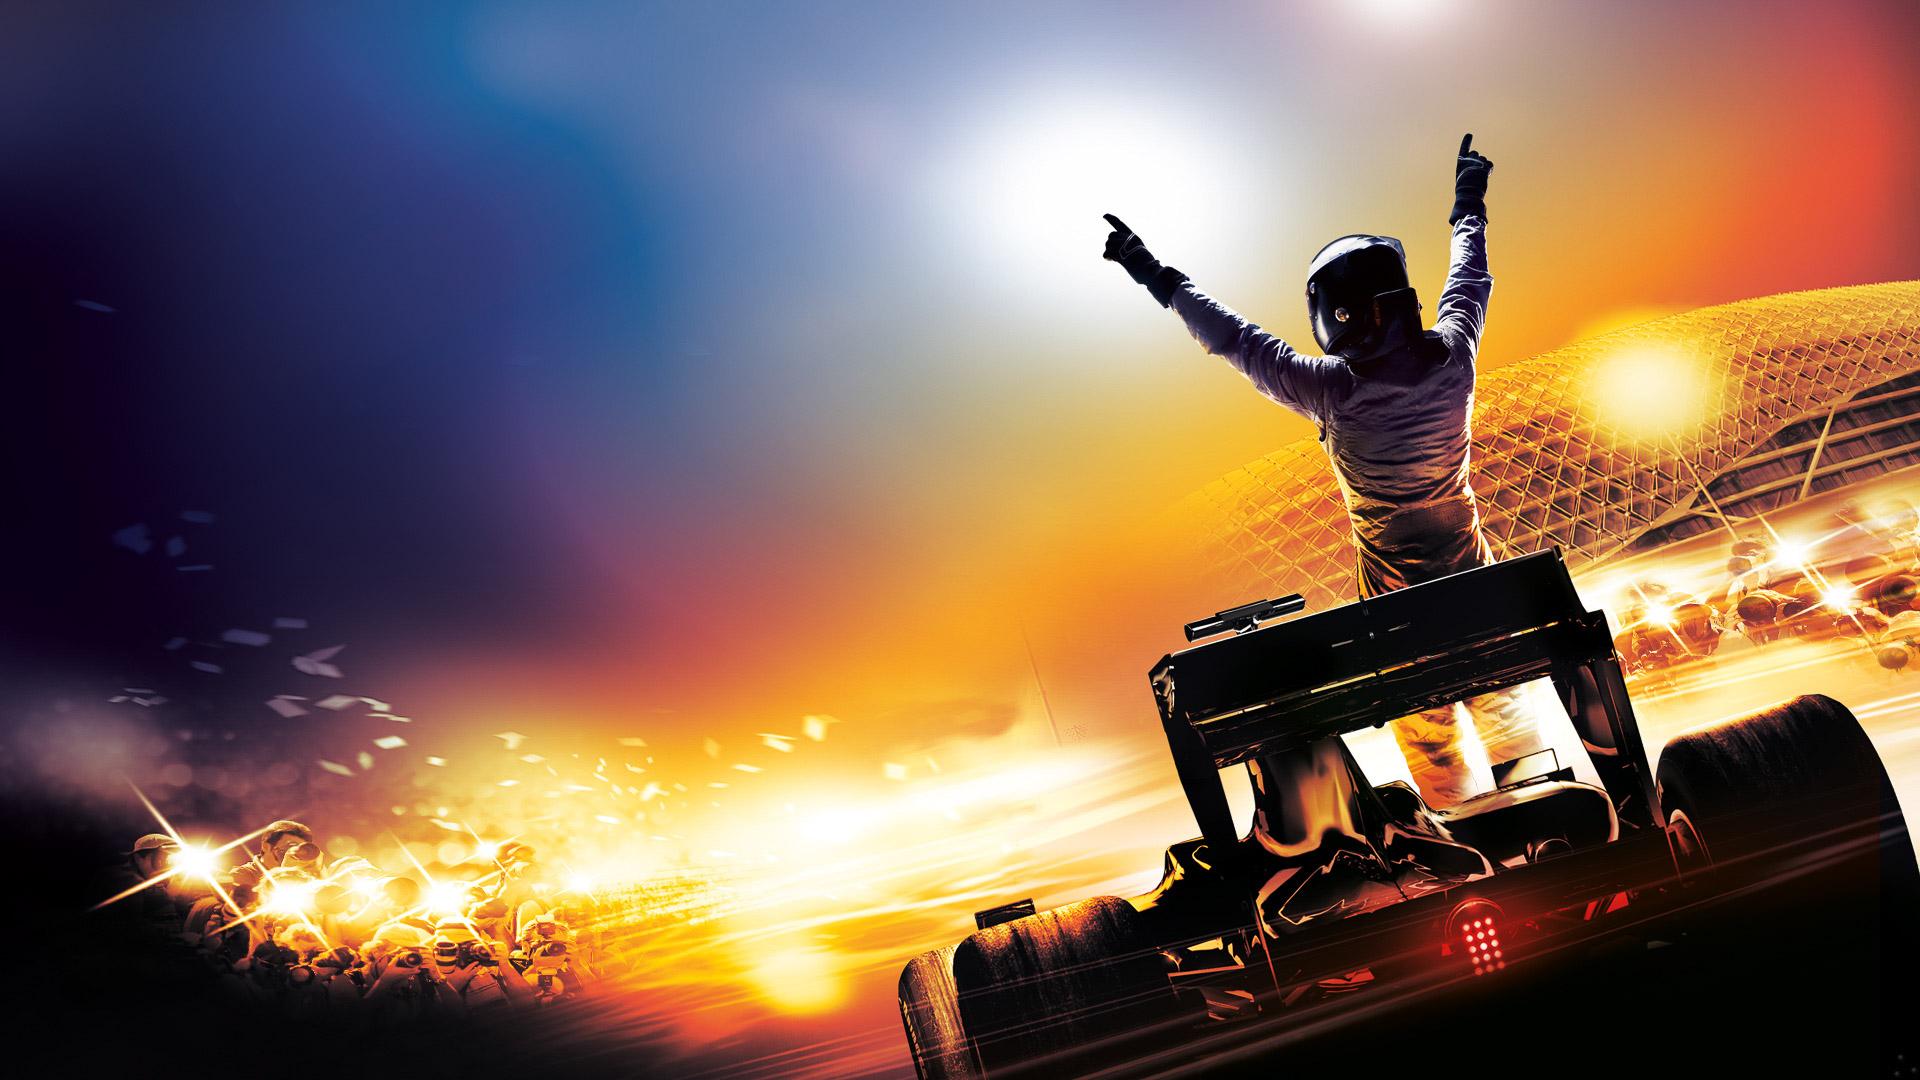 Best-Formula-1-Wallpaper-High-Definition-1.jpg